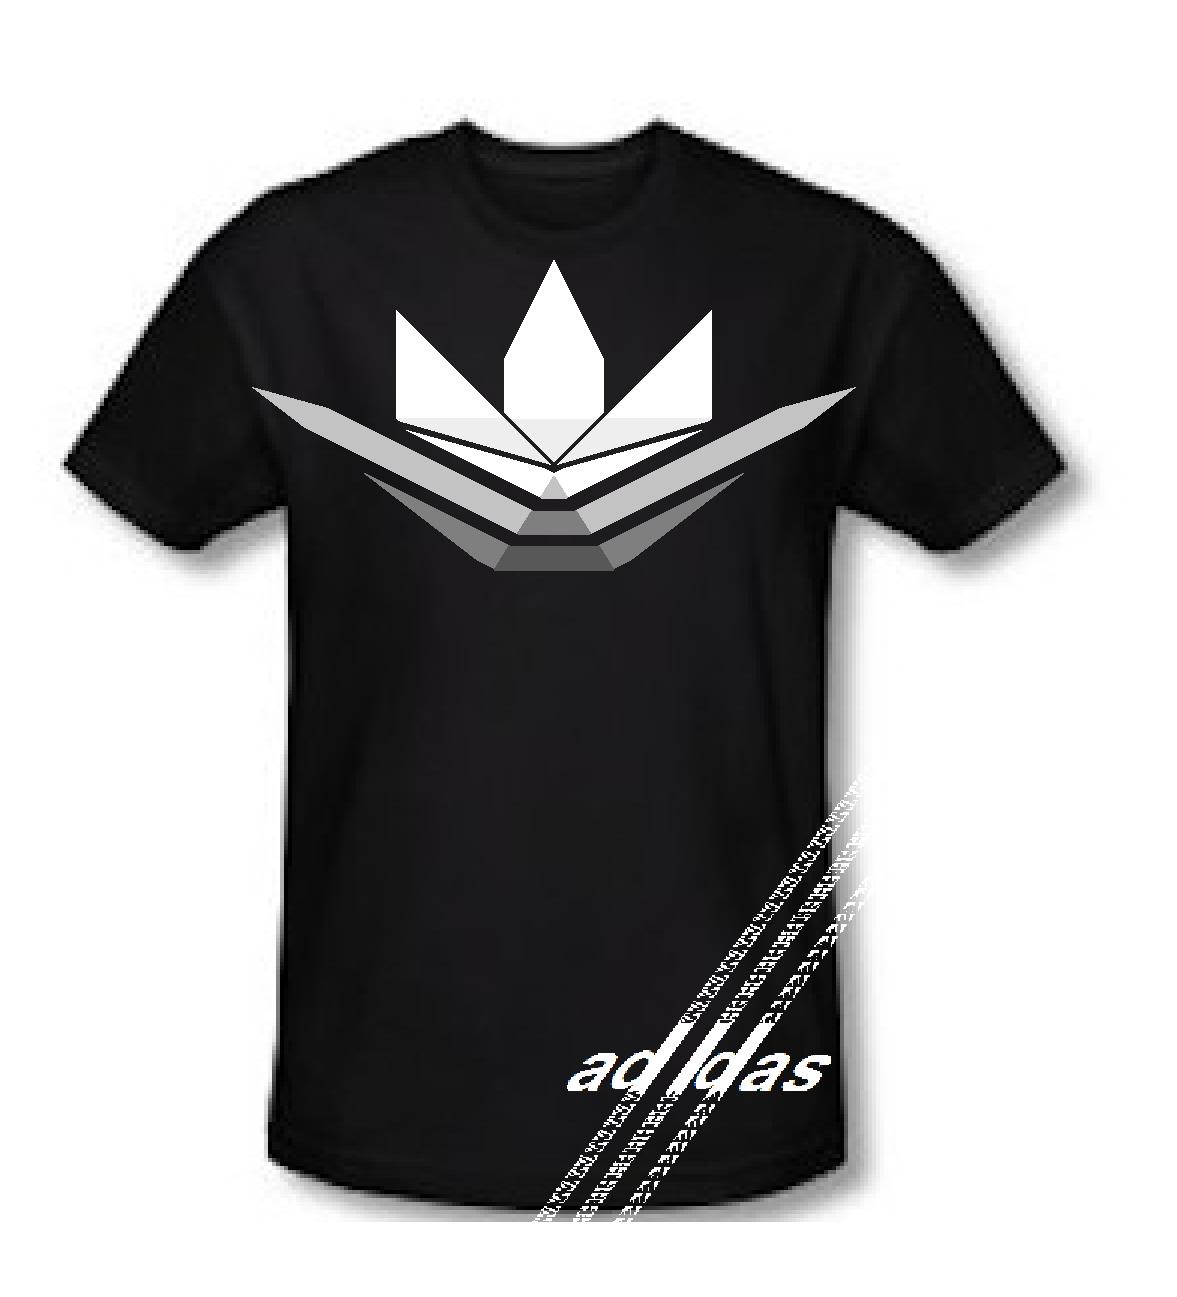 Zebra shirt design - Adidas New Logo Shirt Design